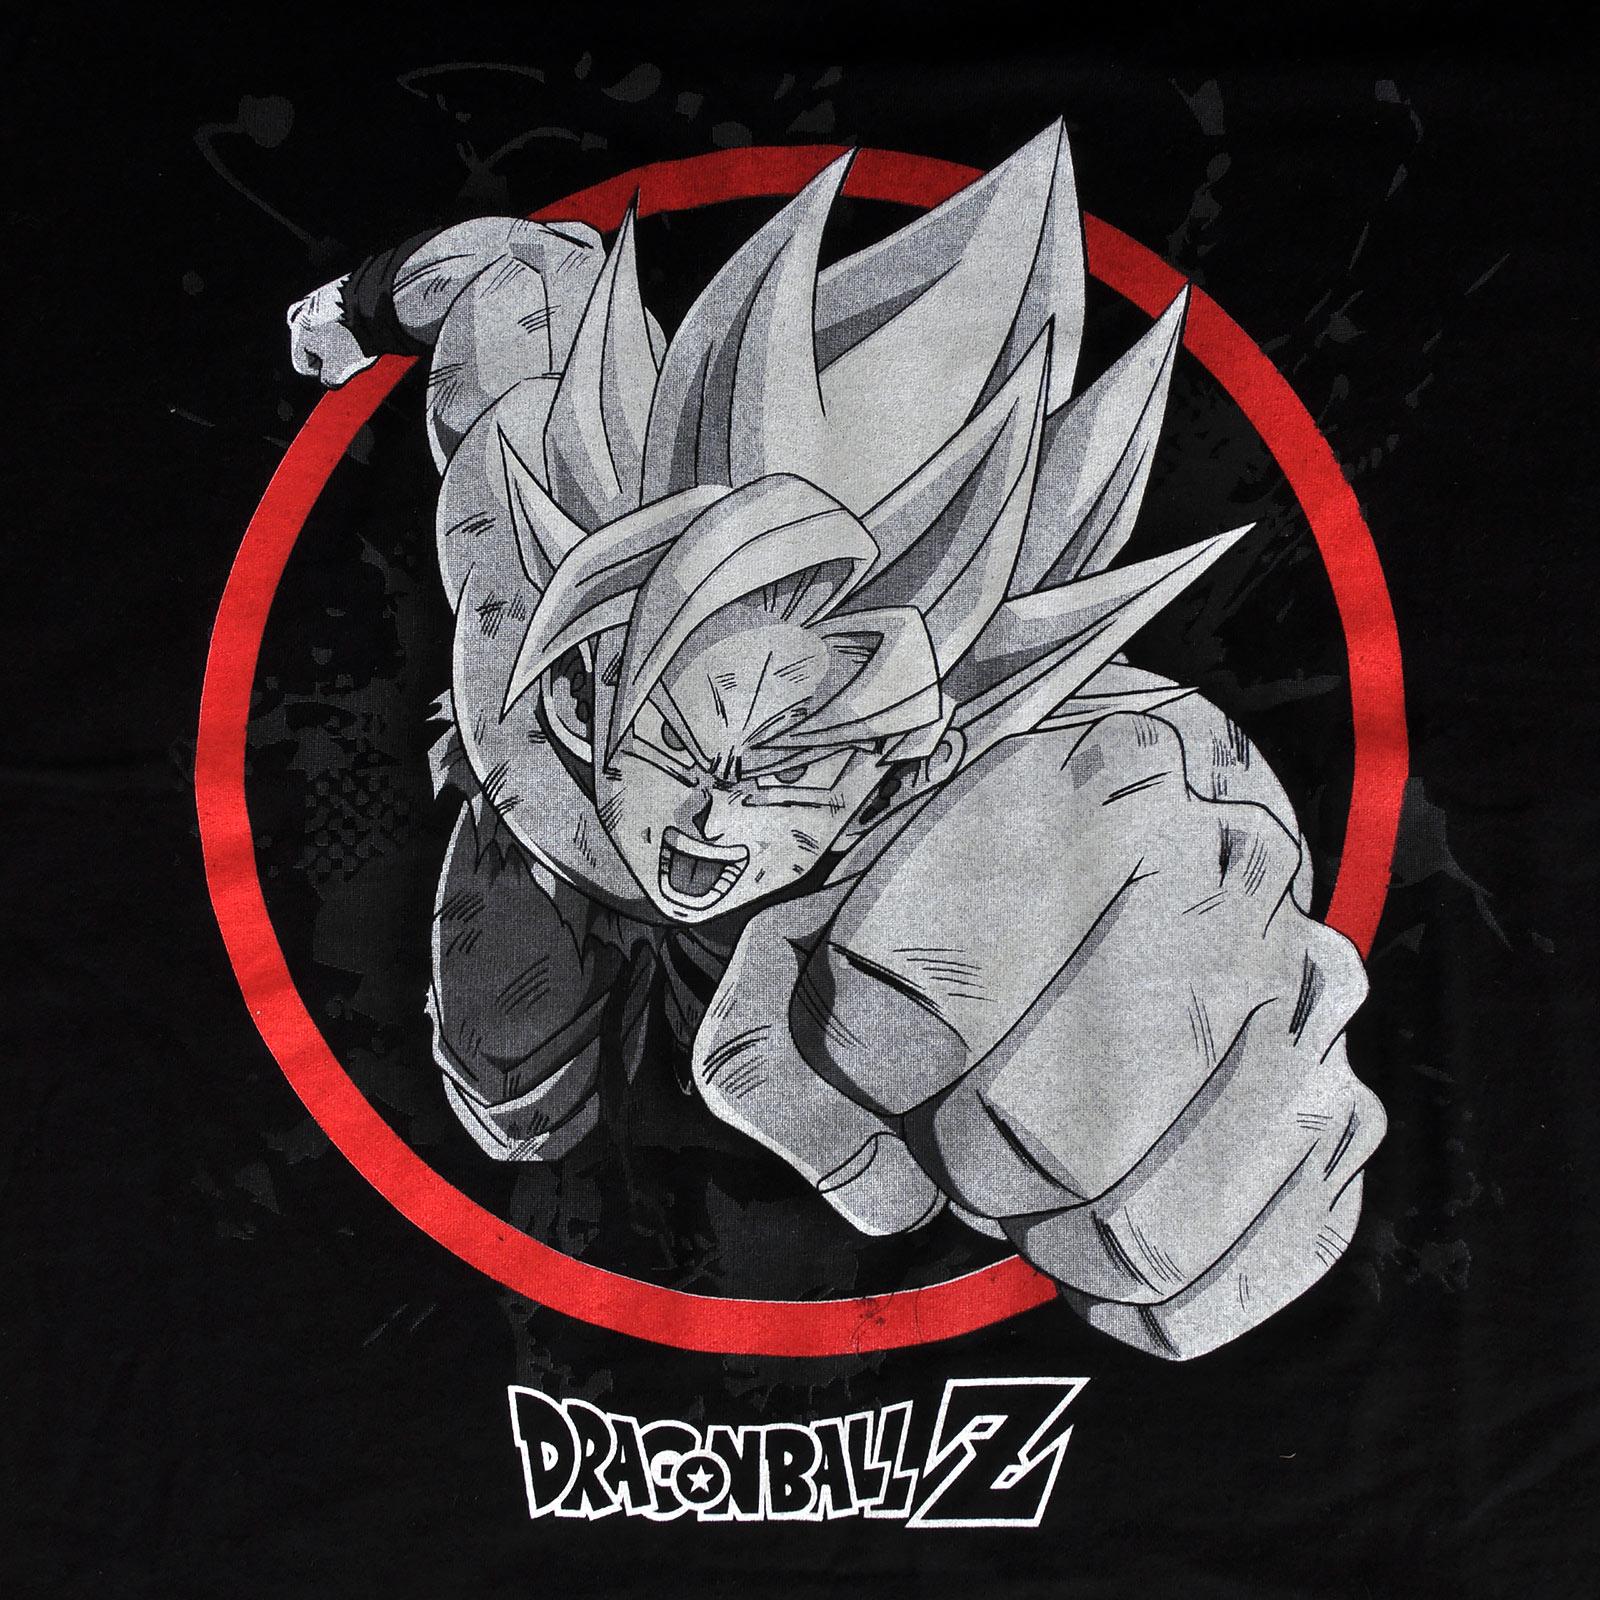 Dragon Ball Z - Super Sayajin Son Goku Attack T-Shirt